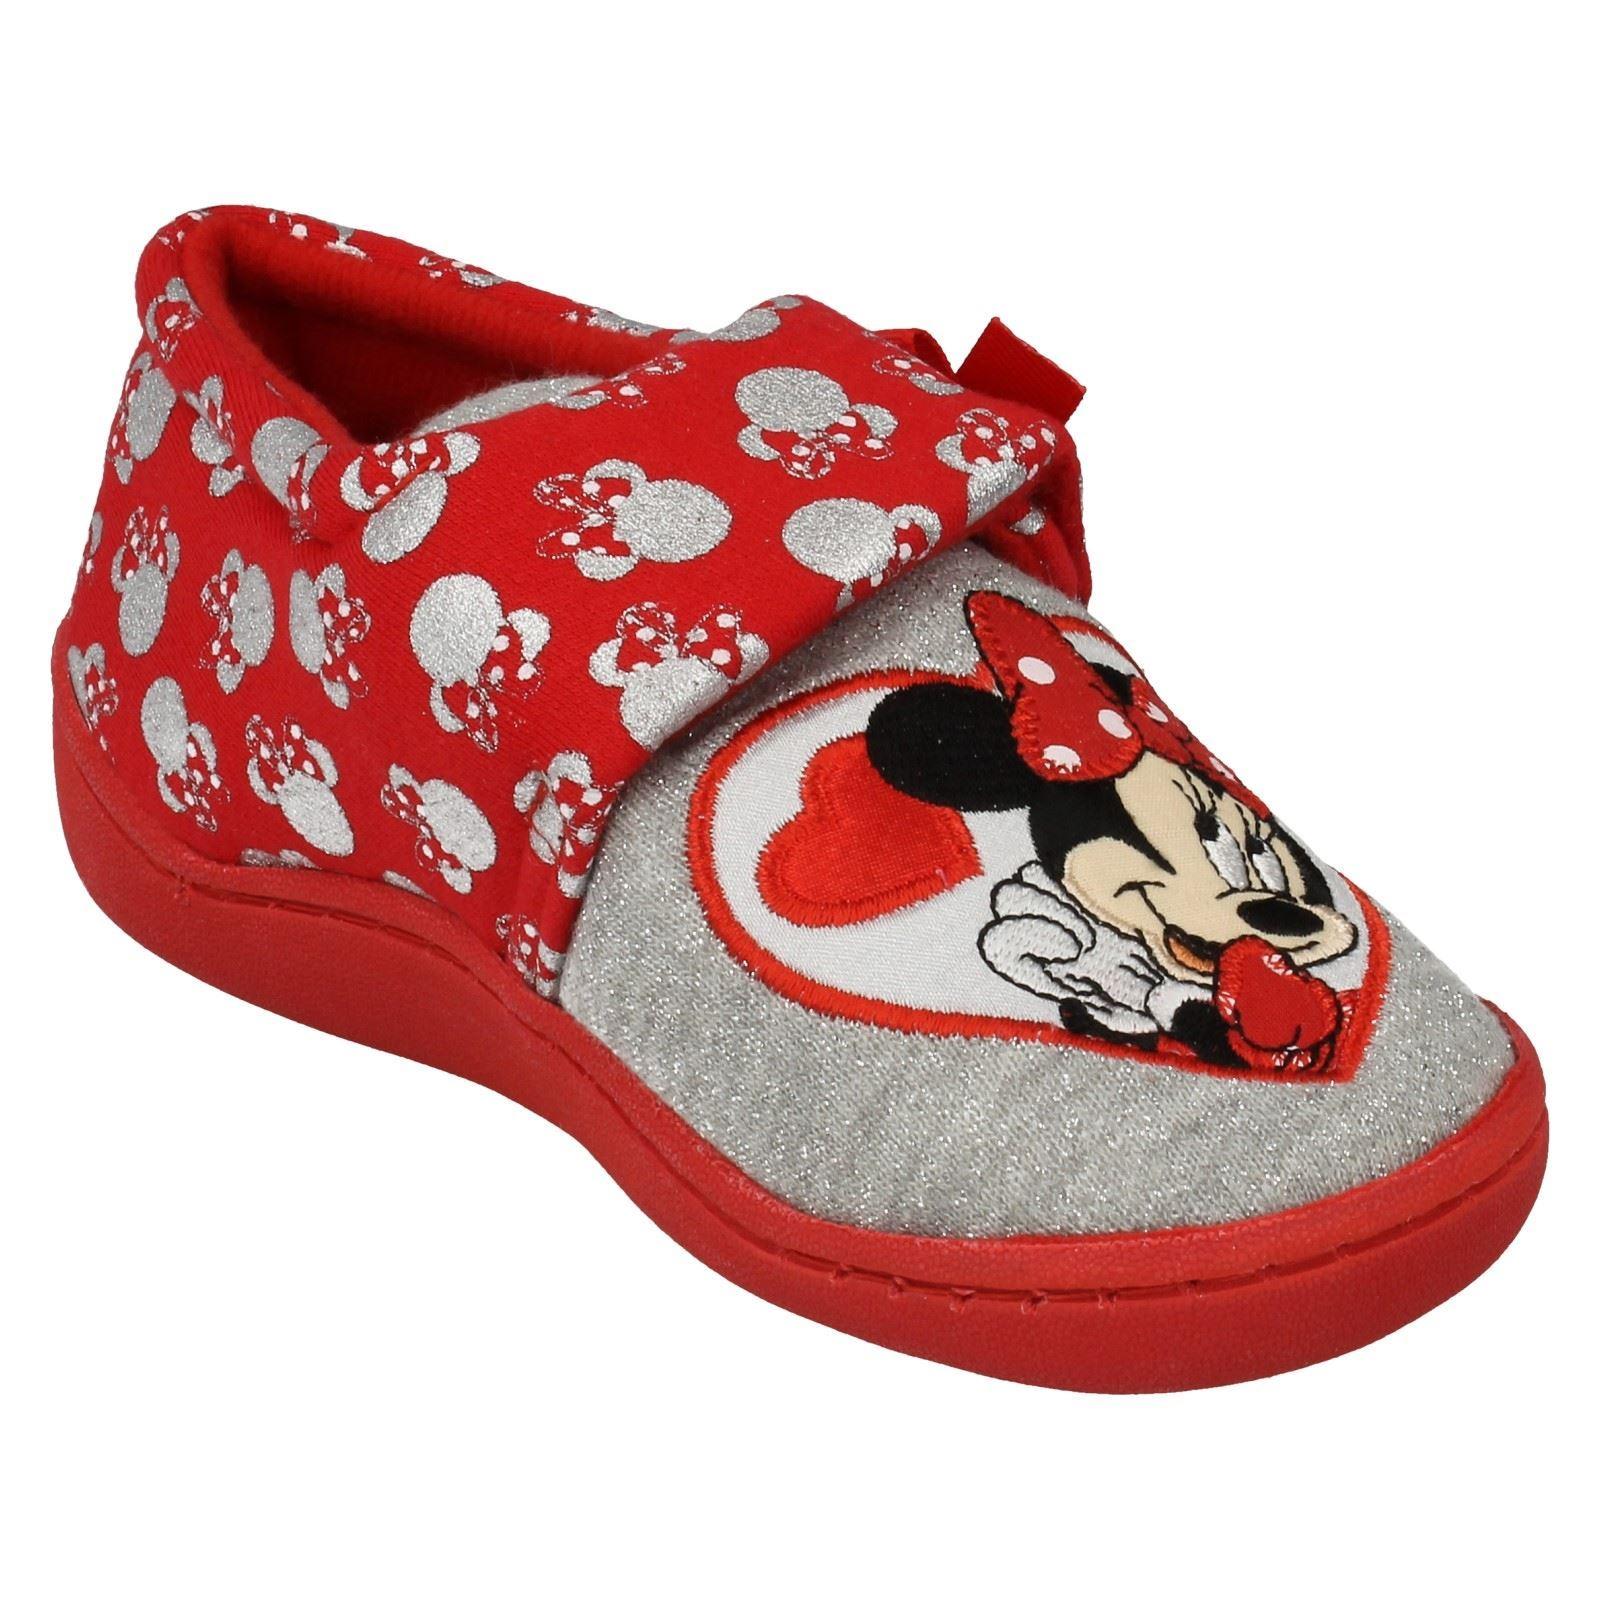 Filamento De Minnie Mouse Niñas Zapatillas